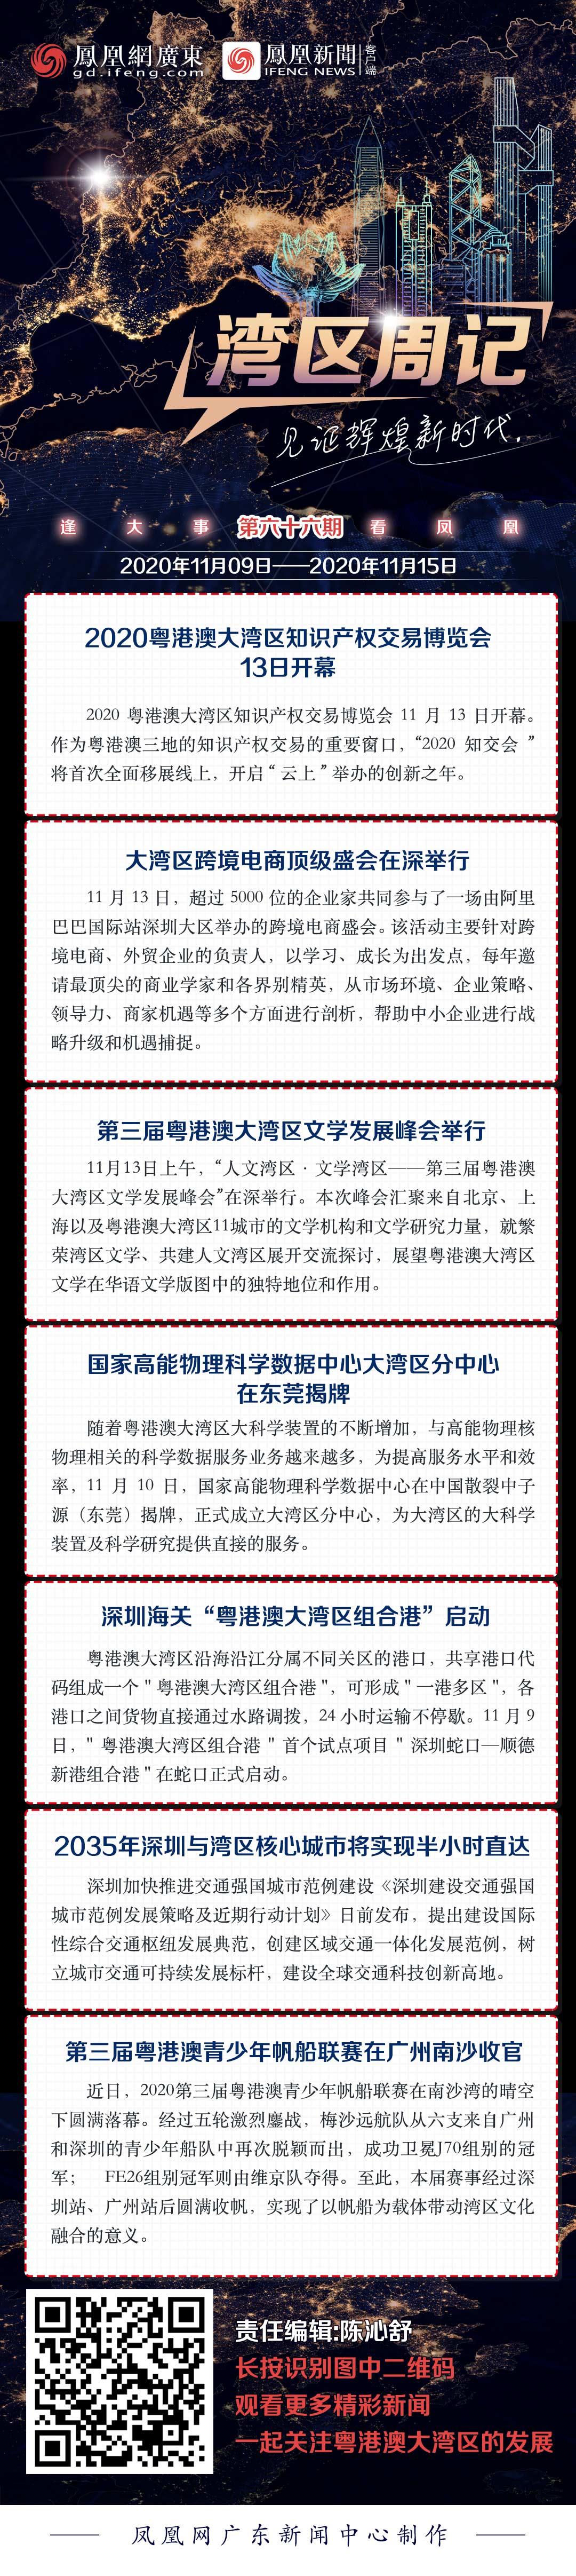 湾区周记No.66丨2020粤港澳大湾区知识产权交易博览会开幕